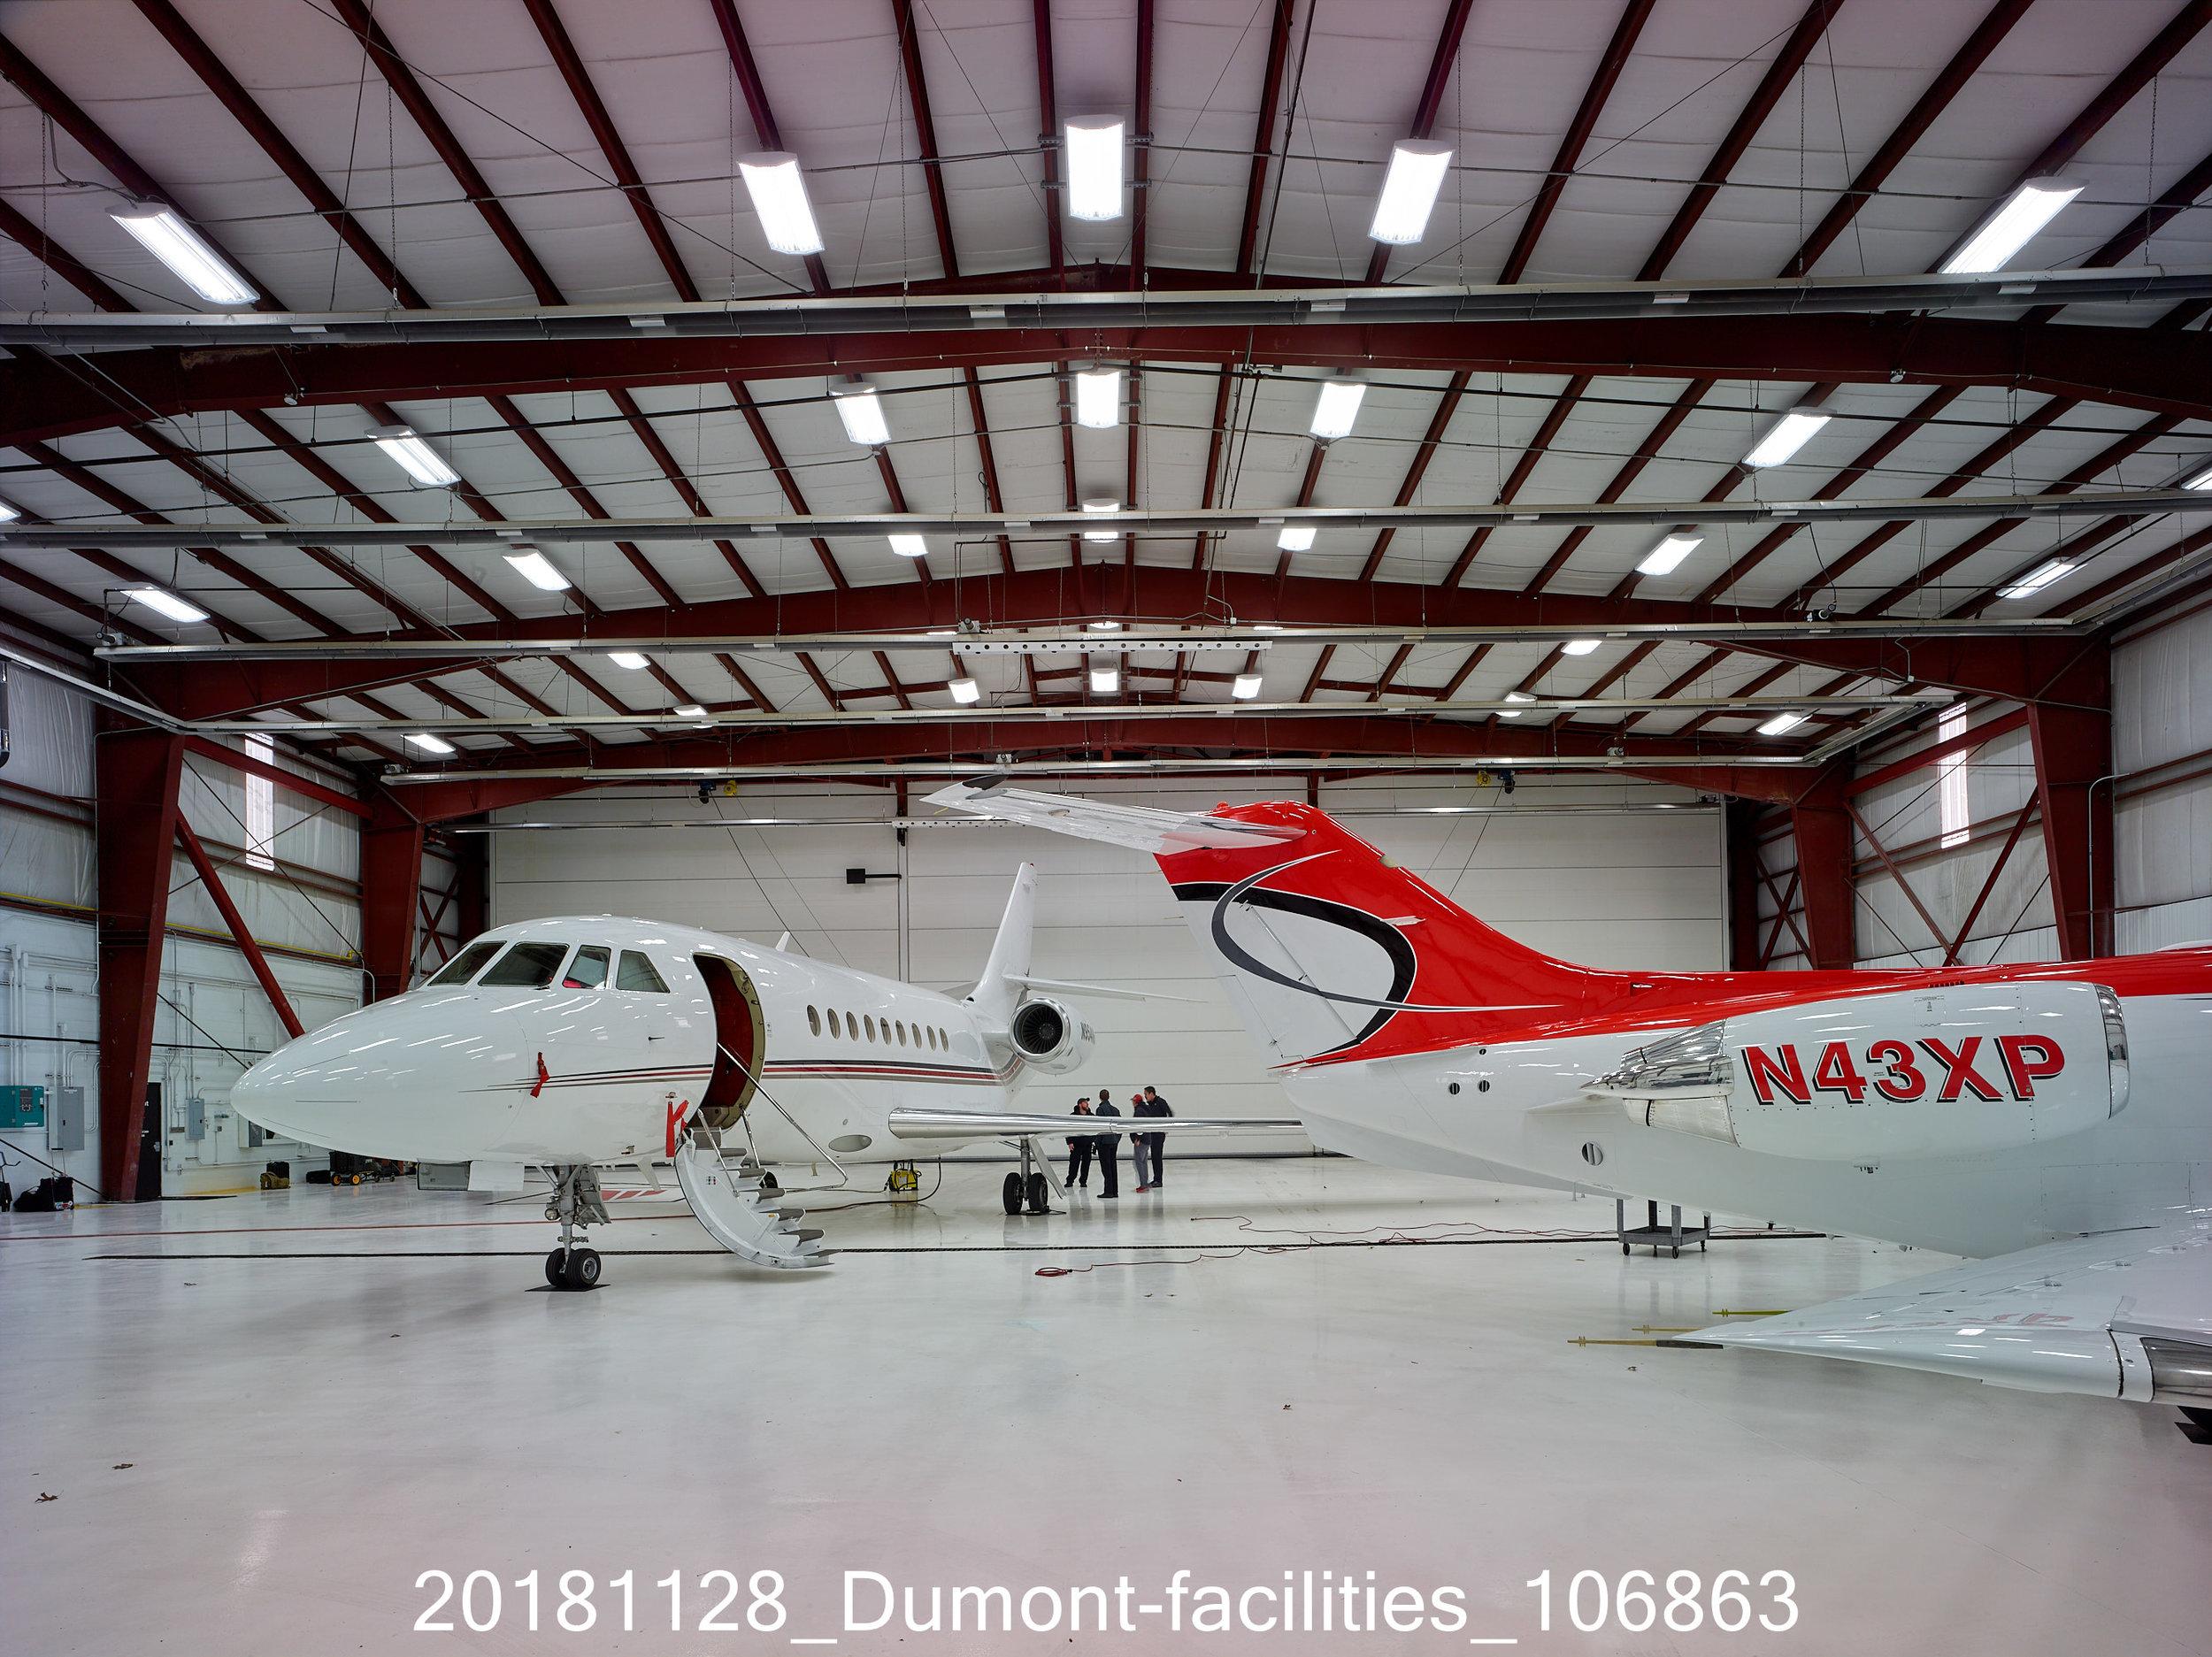 20181128_Dumont-facilities_106863.jpg